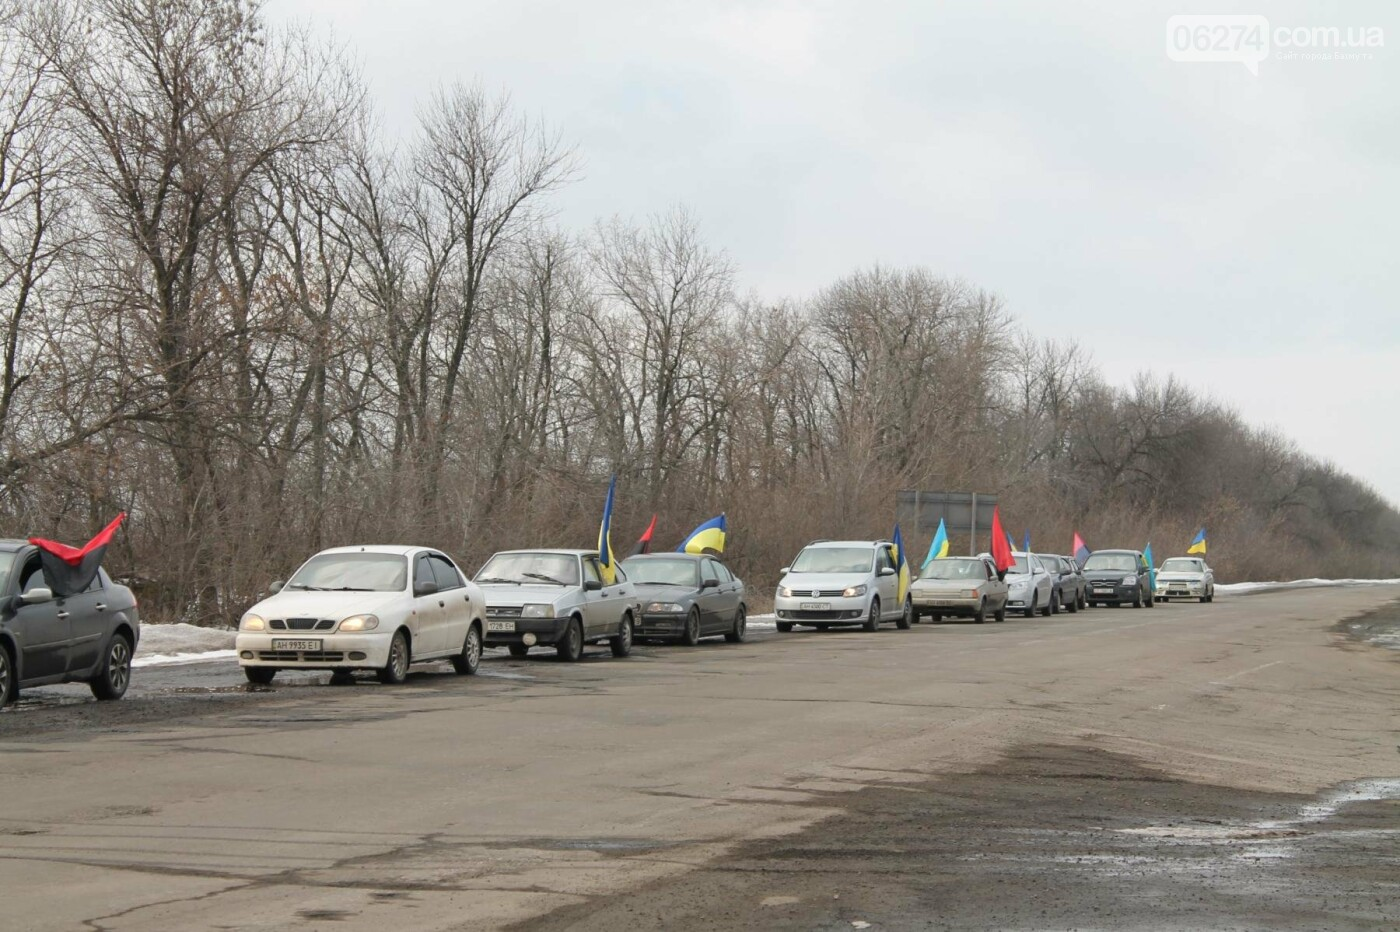 В Бахмуте прошли мероприятия по случаю третьей годовщины выхода украинских войск из Дебальцево, фото-9